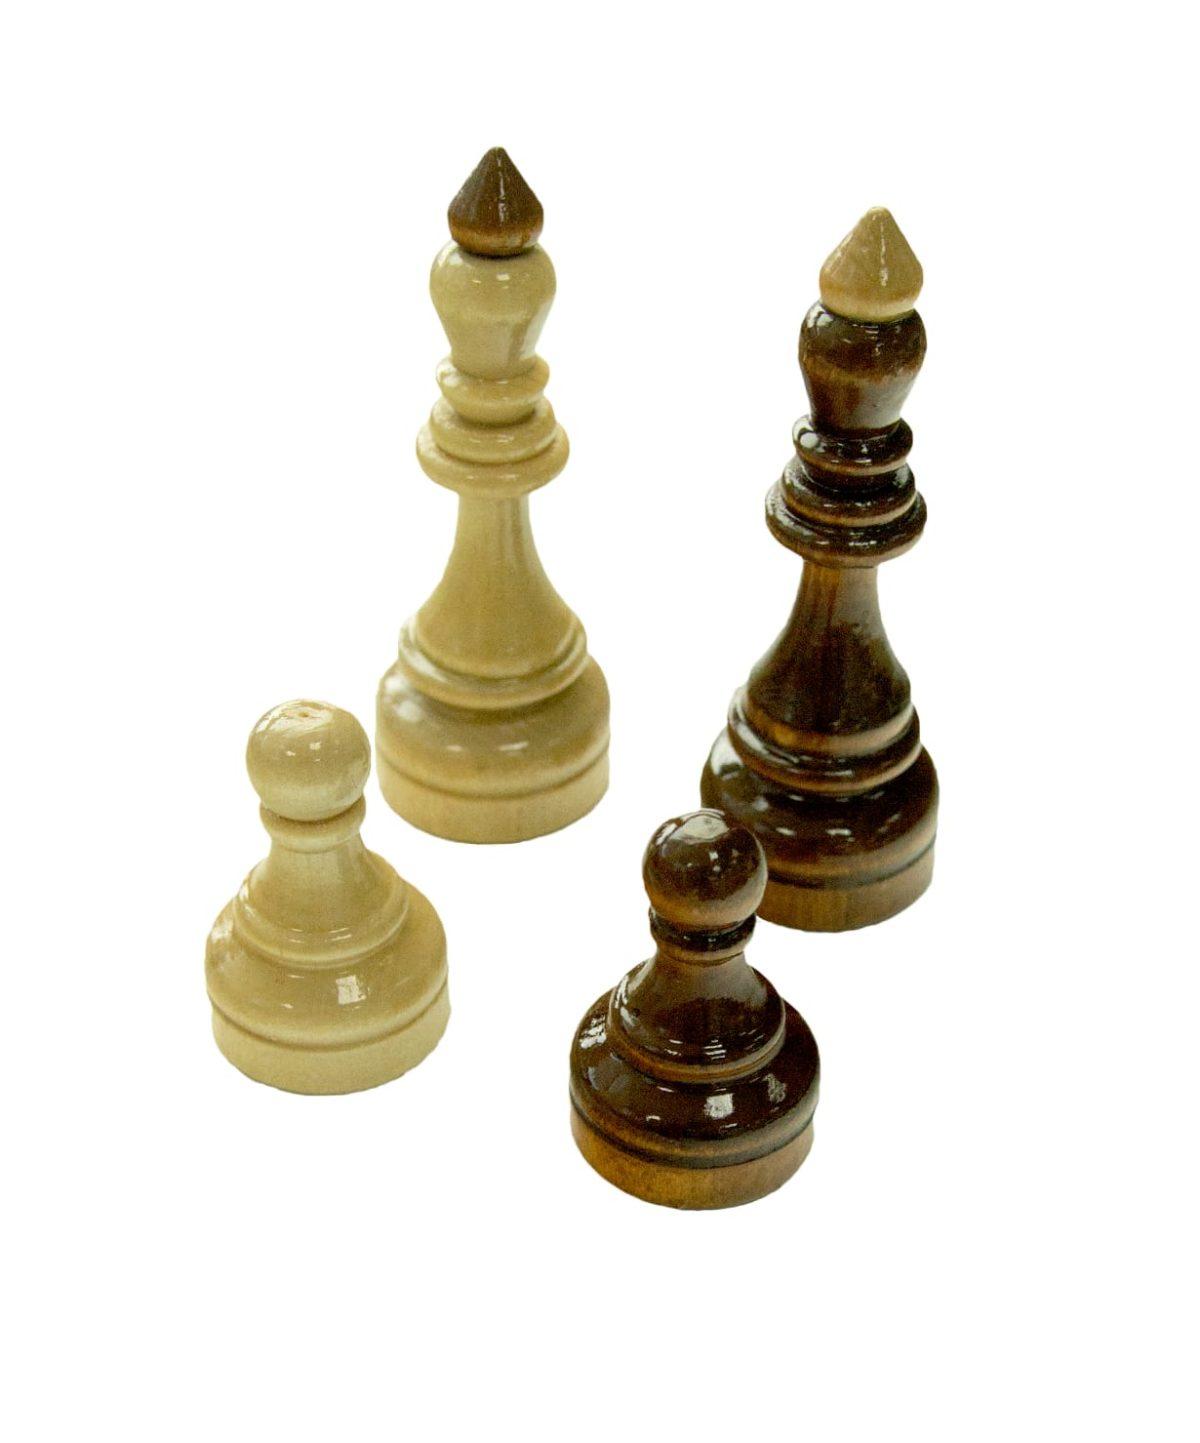 Шахматы гроссмейстерские, лакированные  2771(Е-1) - 3